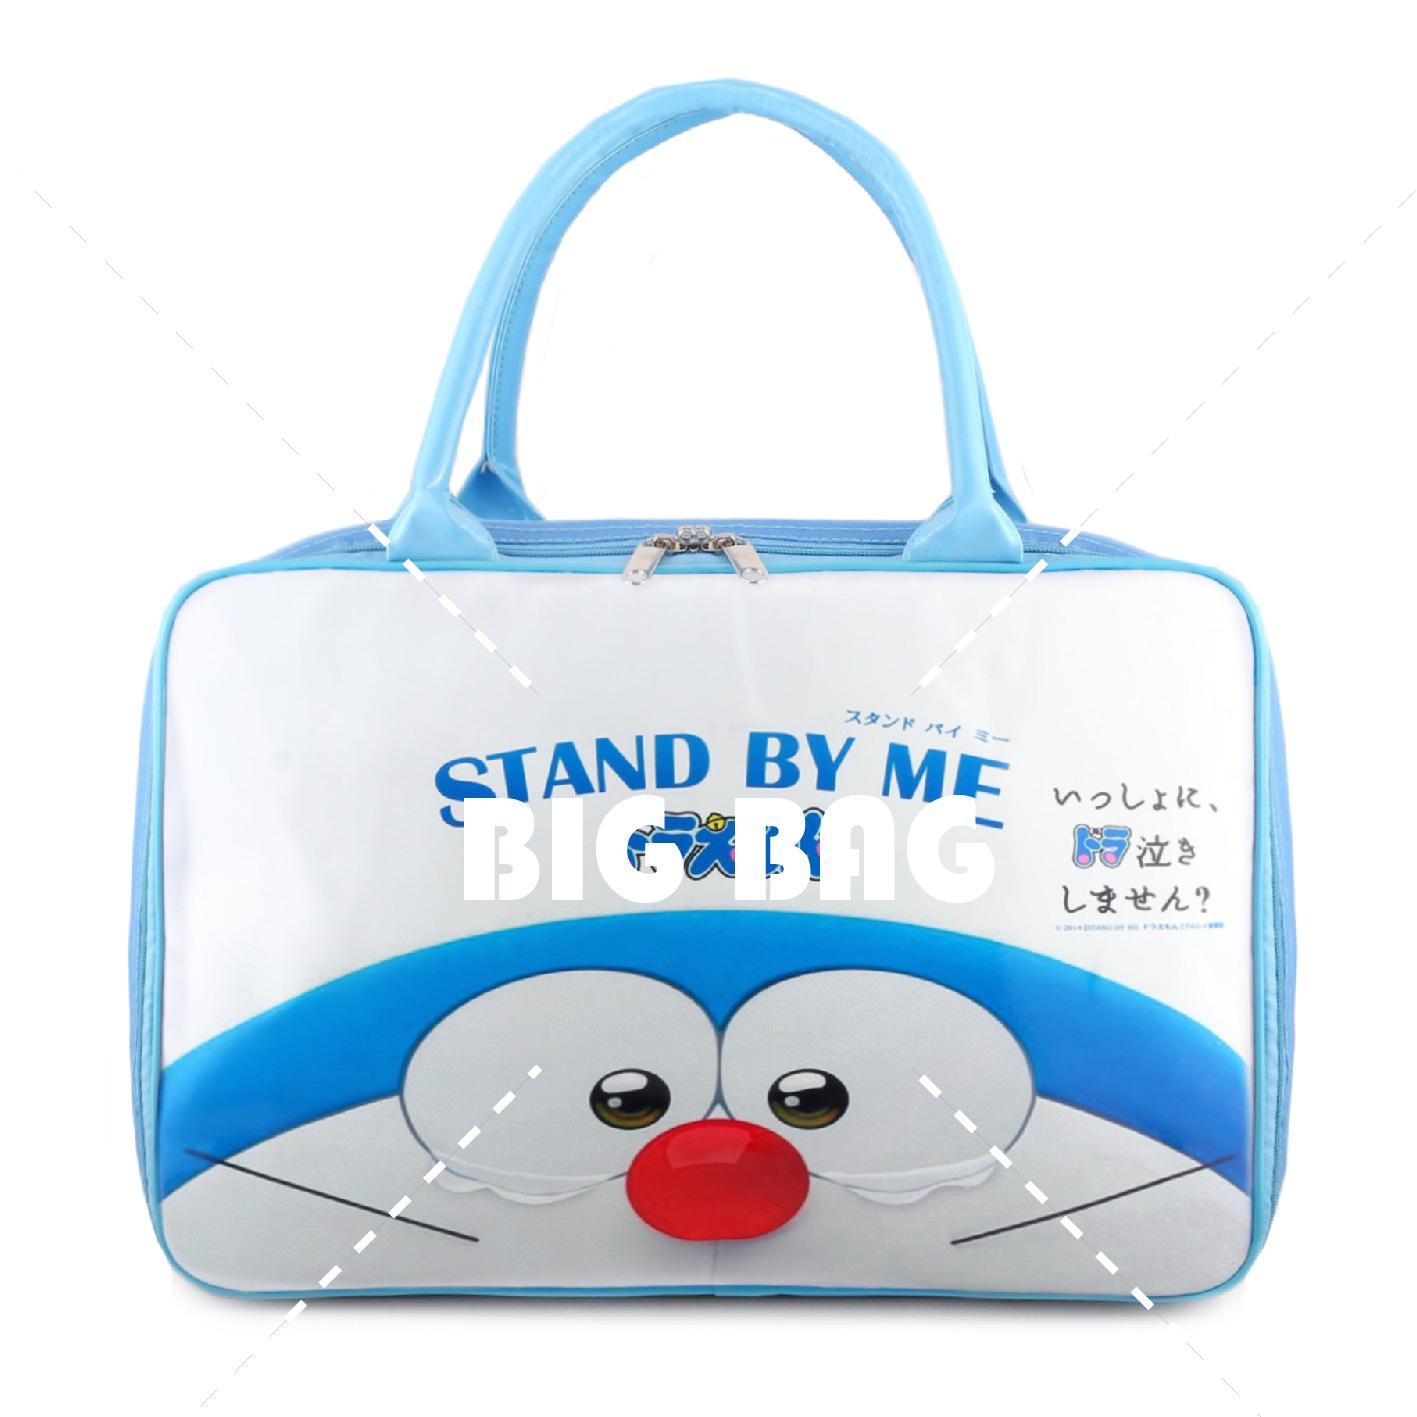 Tas Anak Fashion Travel Bag -  Doraemon - Tears - White Blue Tas Travel Tas Anak Karakter